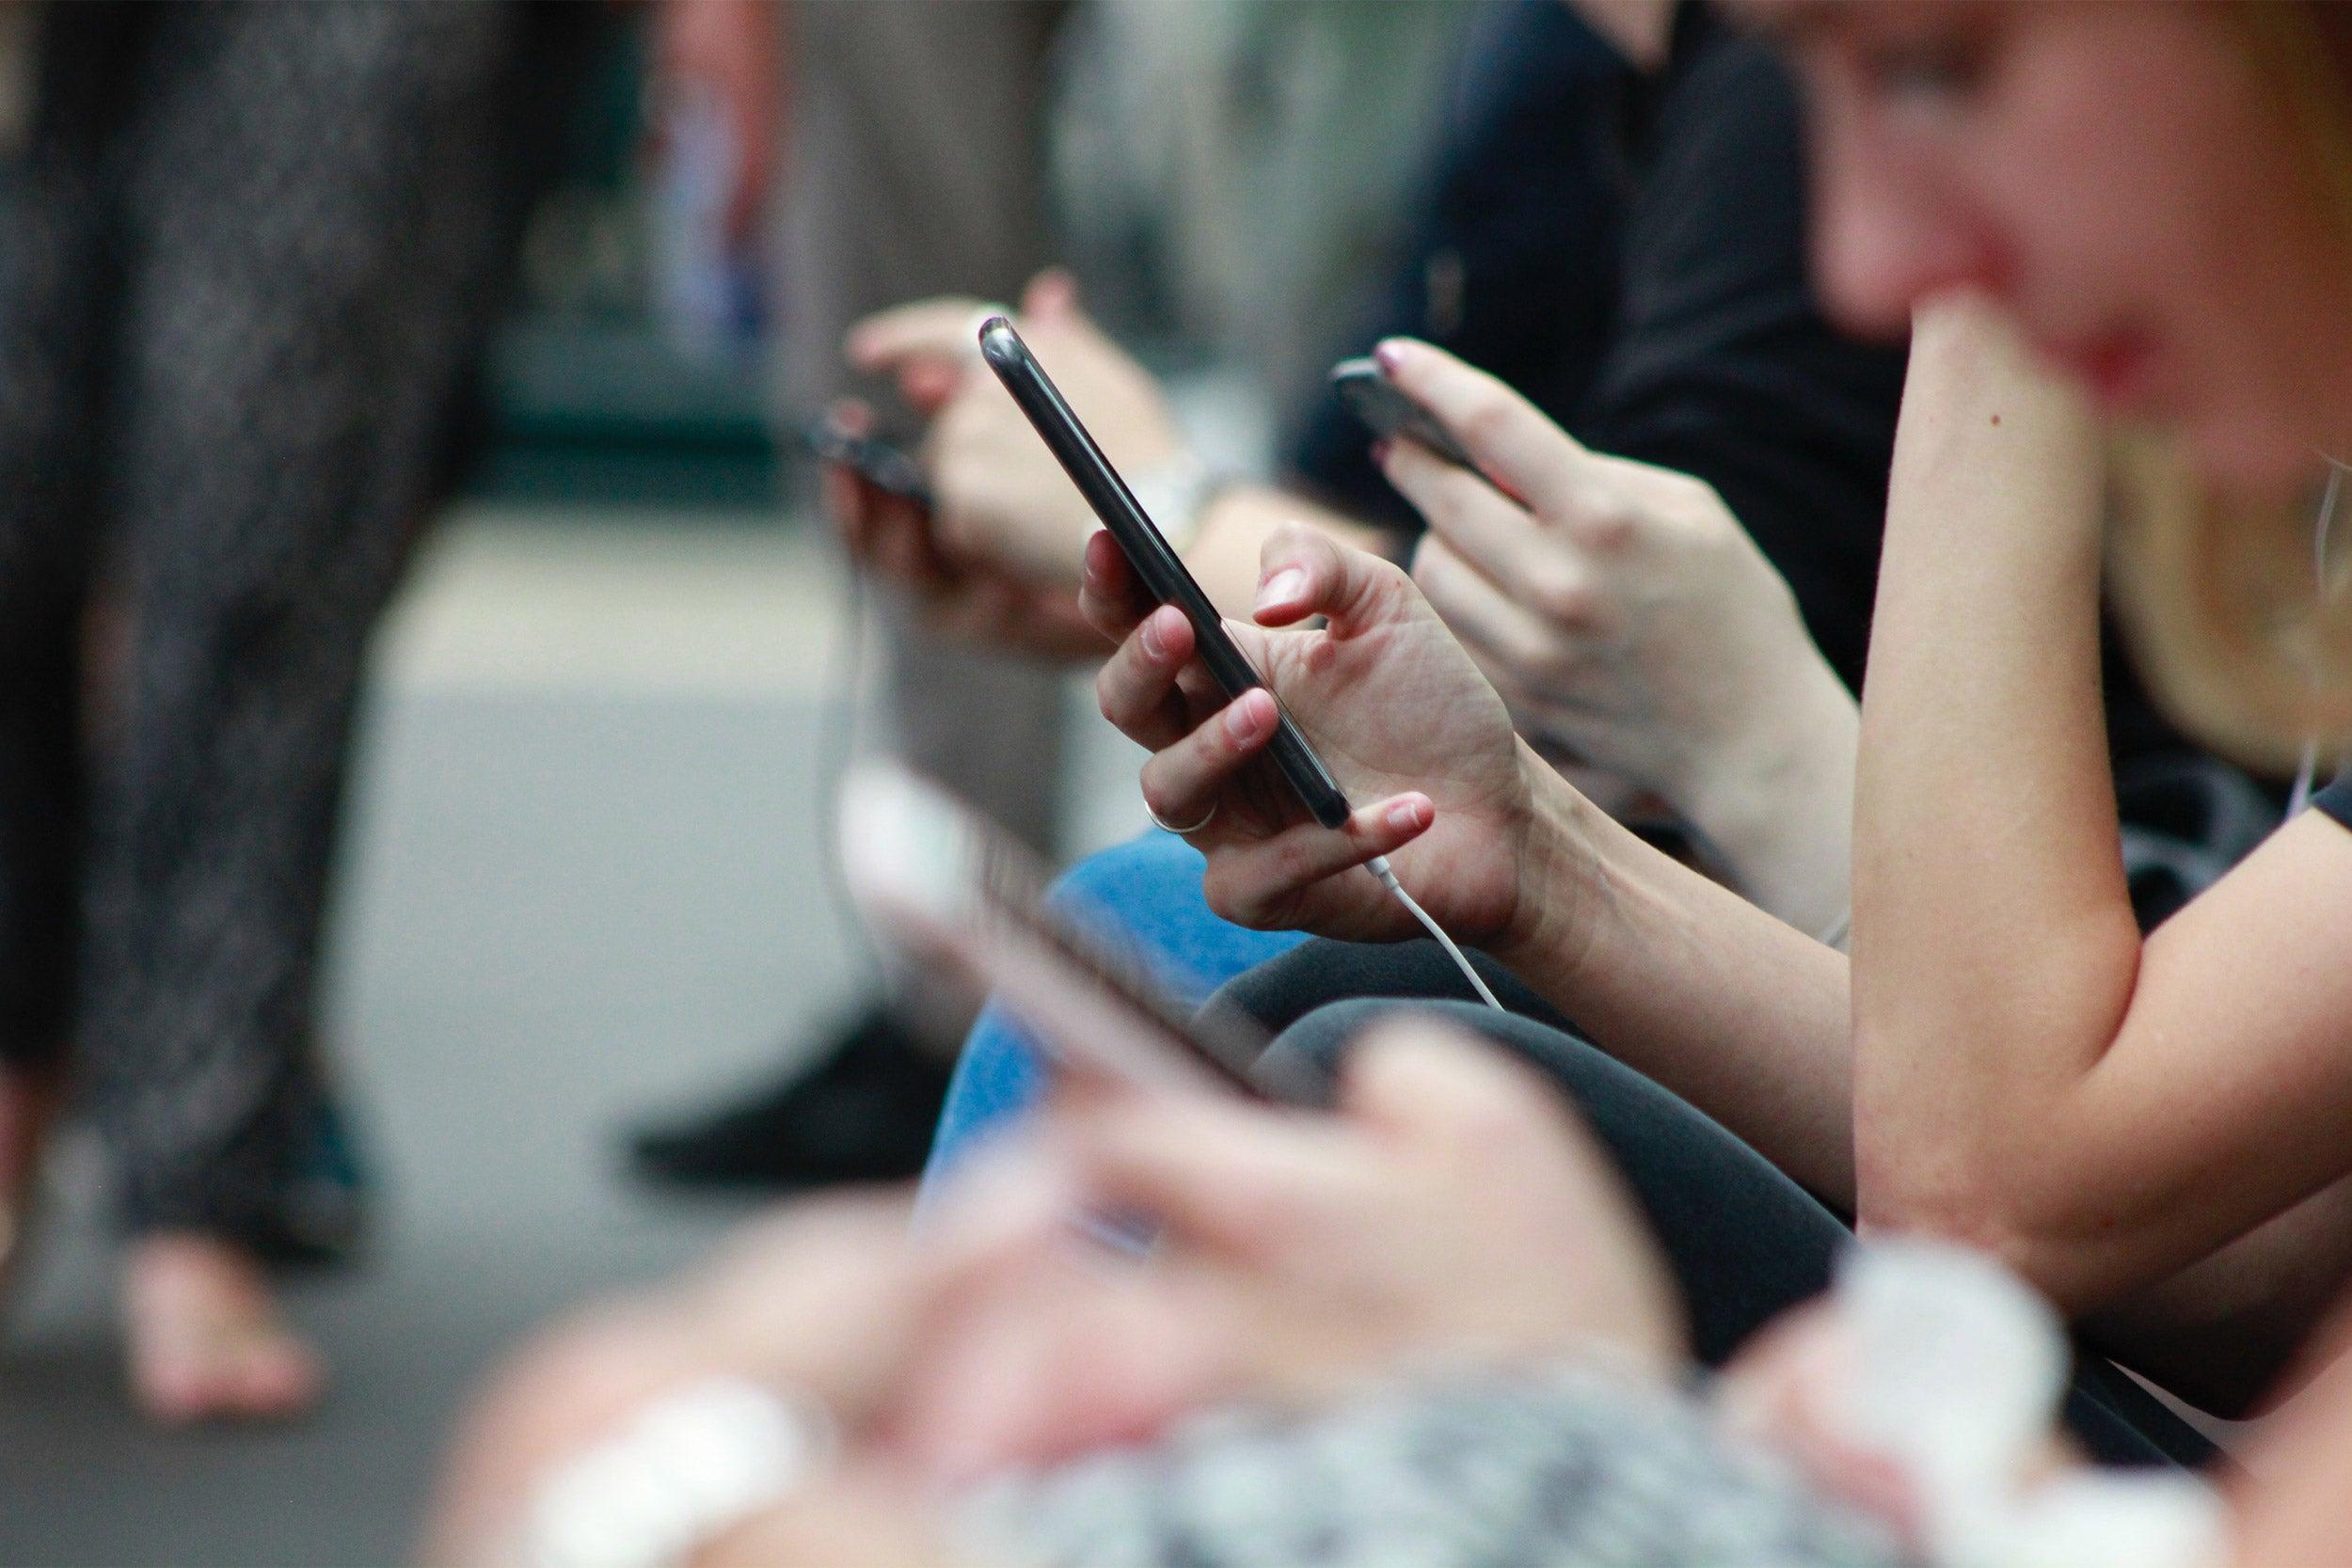 People looking at smartphones.